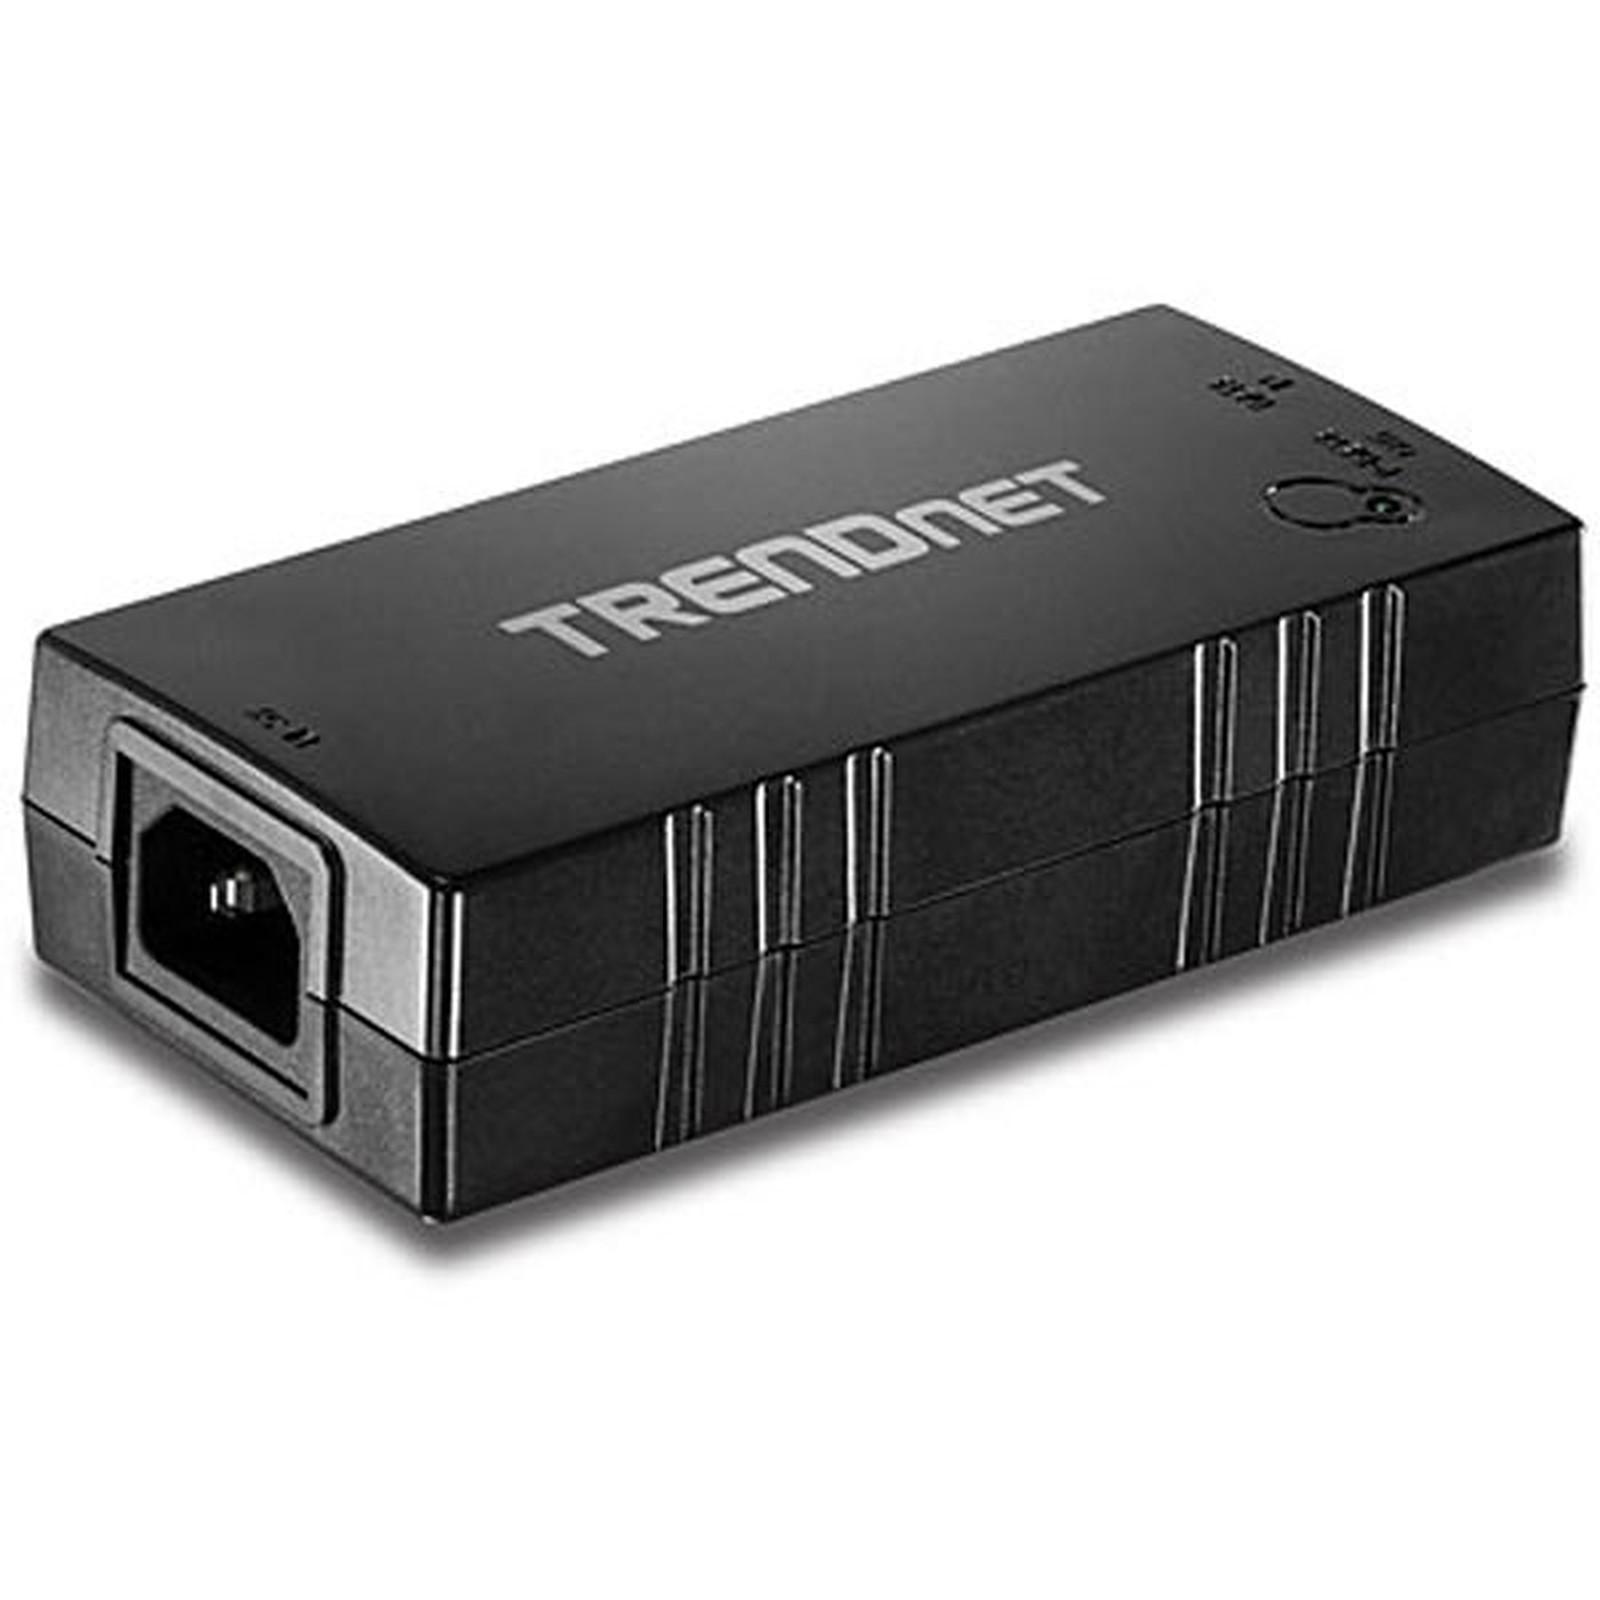 TRENDnet TPE-115GI